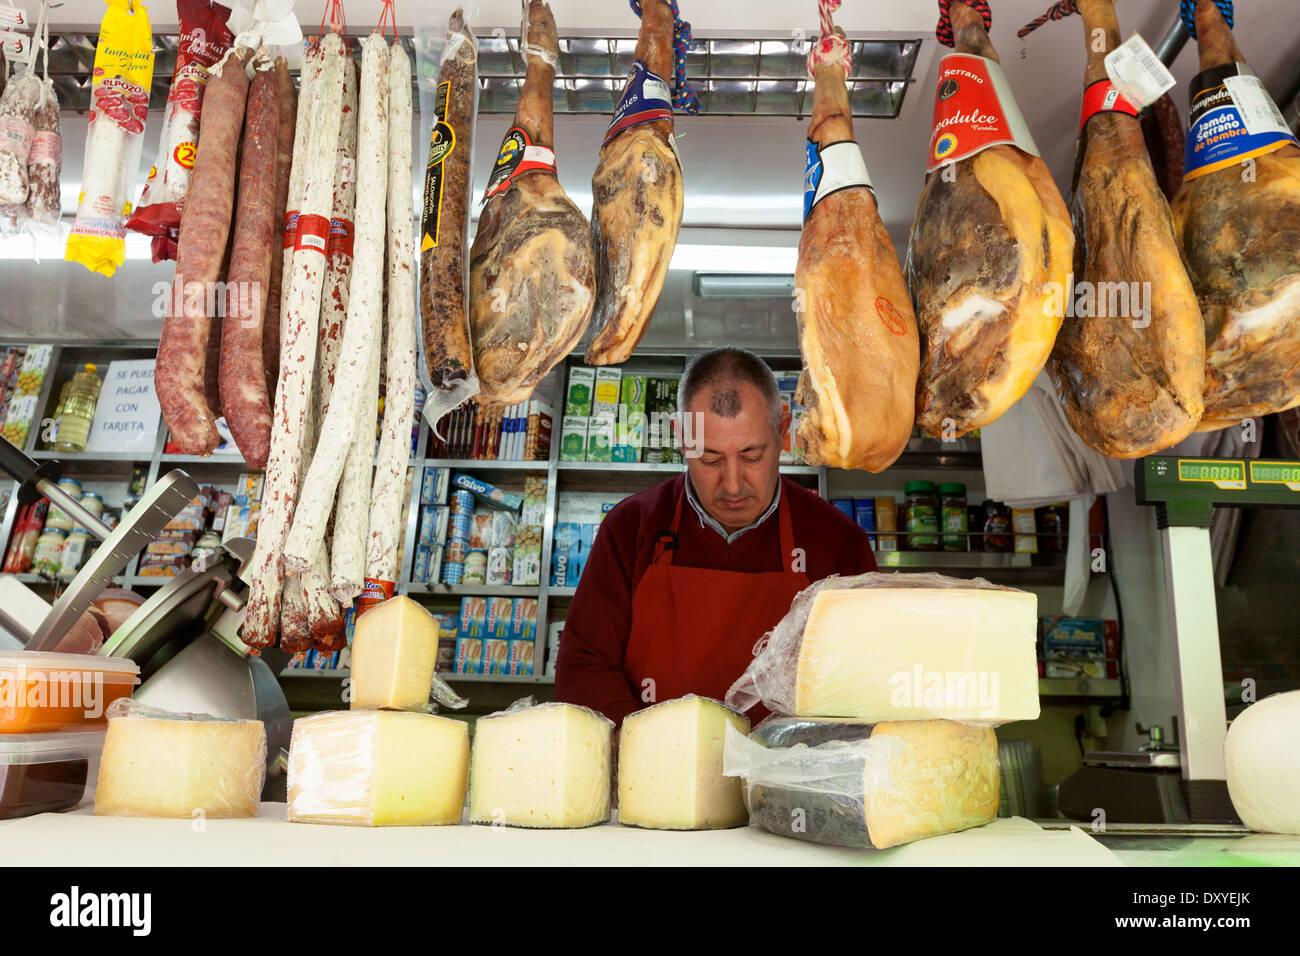 Verkauf von Fleisch und Käse in seinem Stall, Turre Markt, Metzger Almeria Andalusien Spanien Europa Stockbild